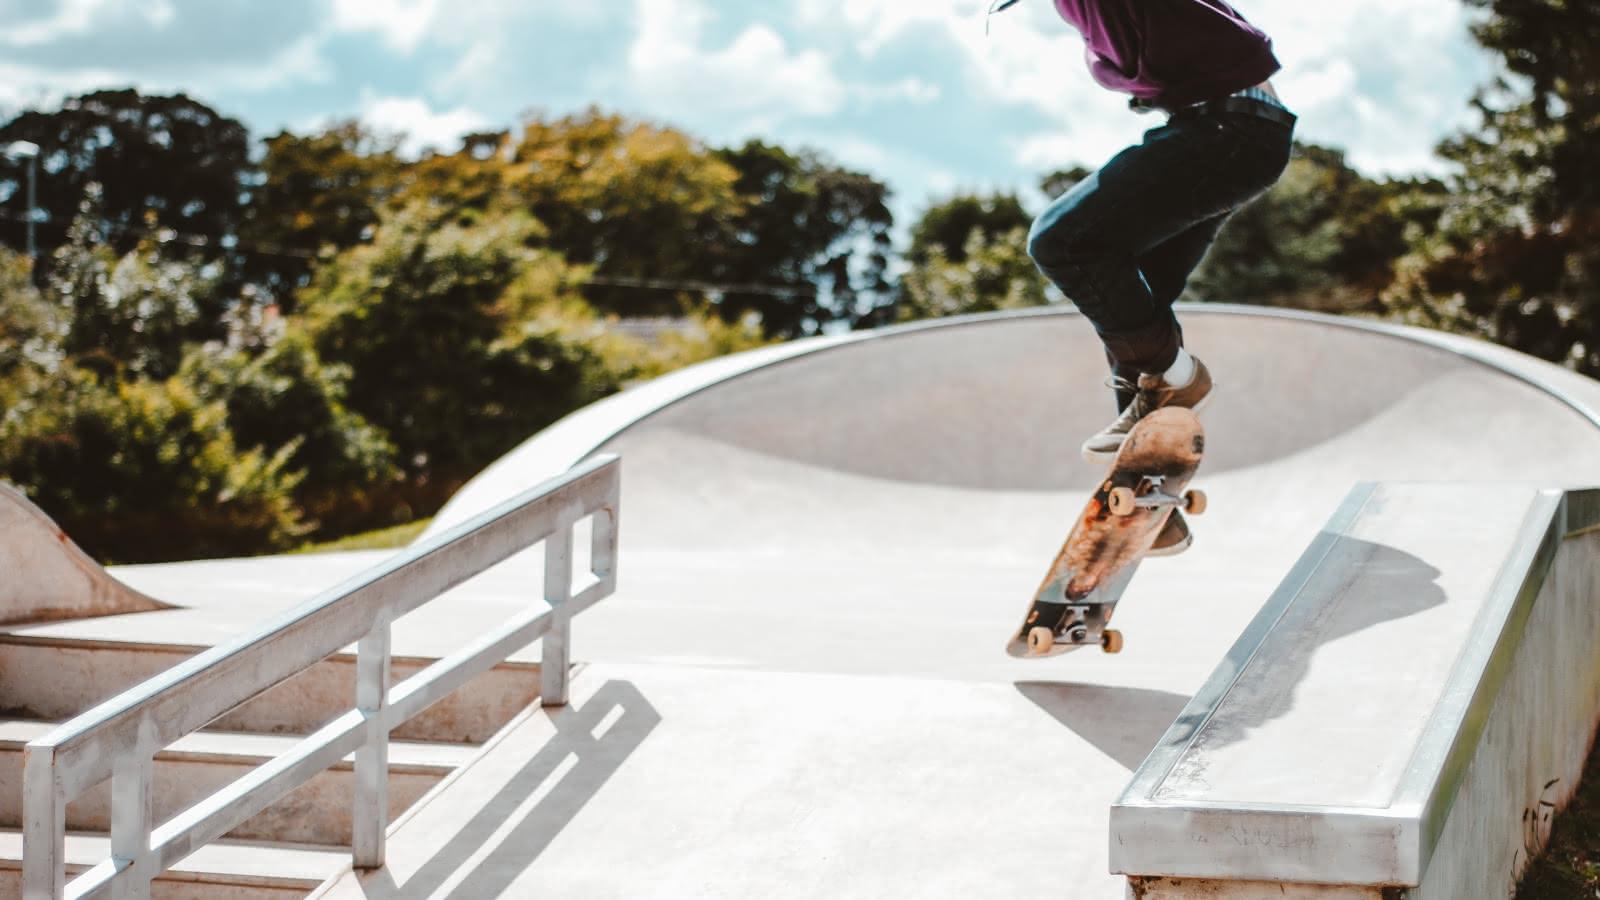 Skate parks Médoc